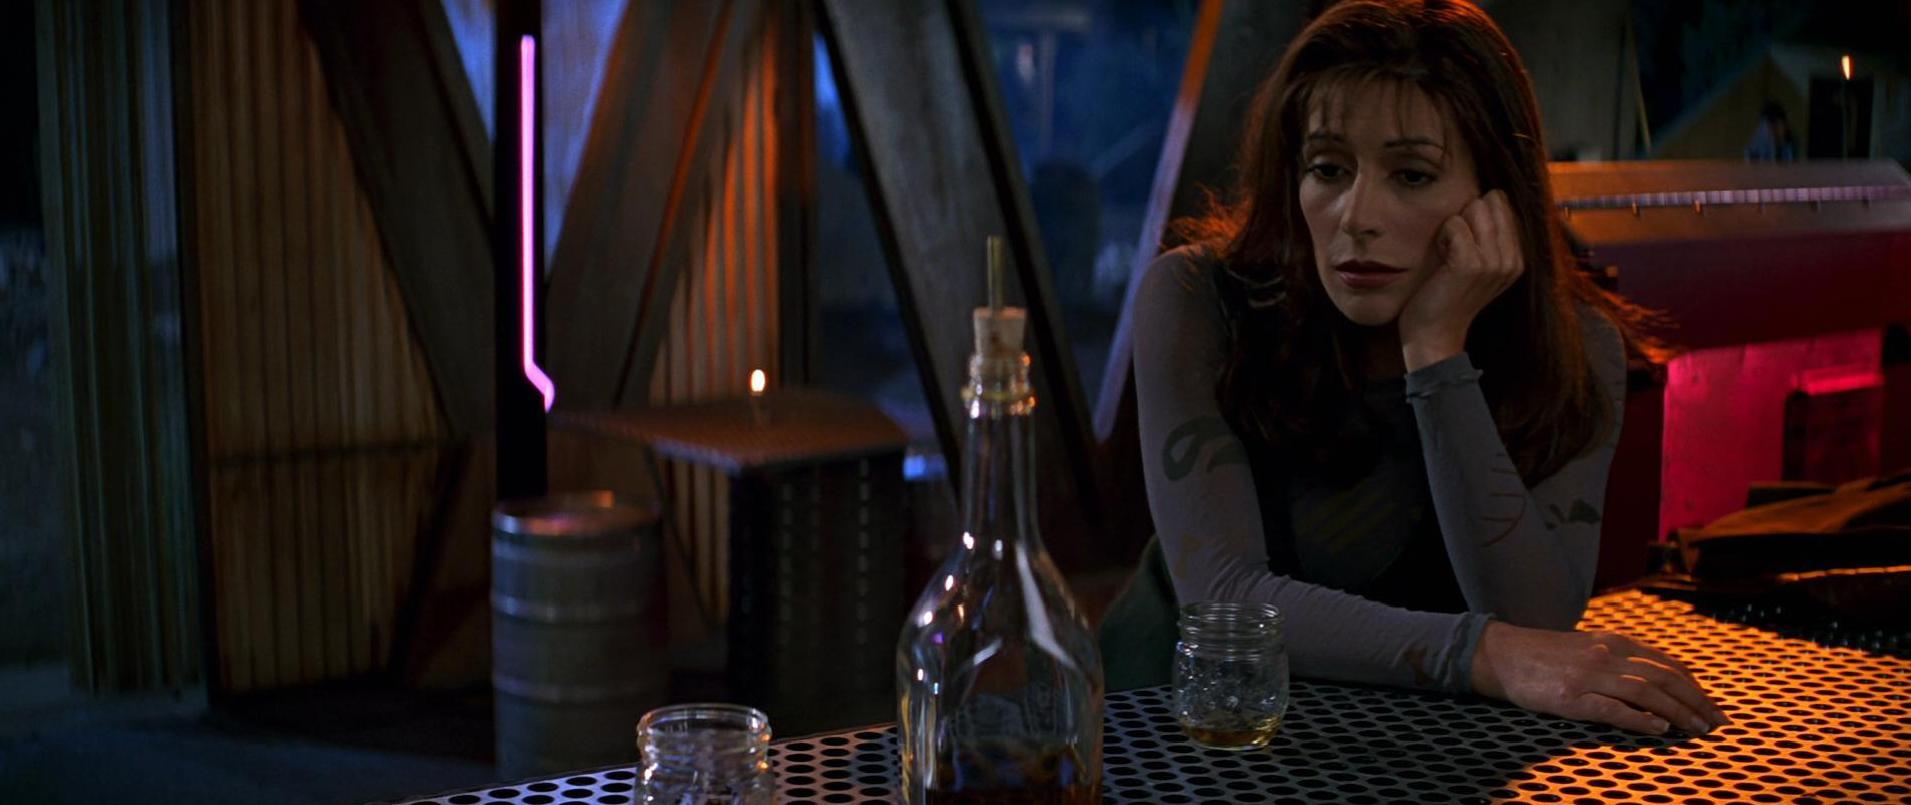 Deanna Troi betrunken vom Tequila.jpg